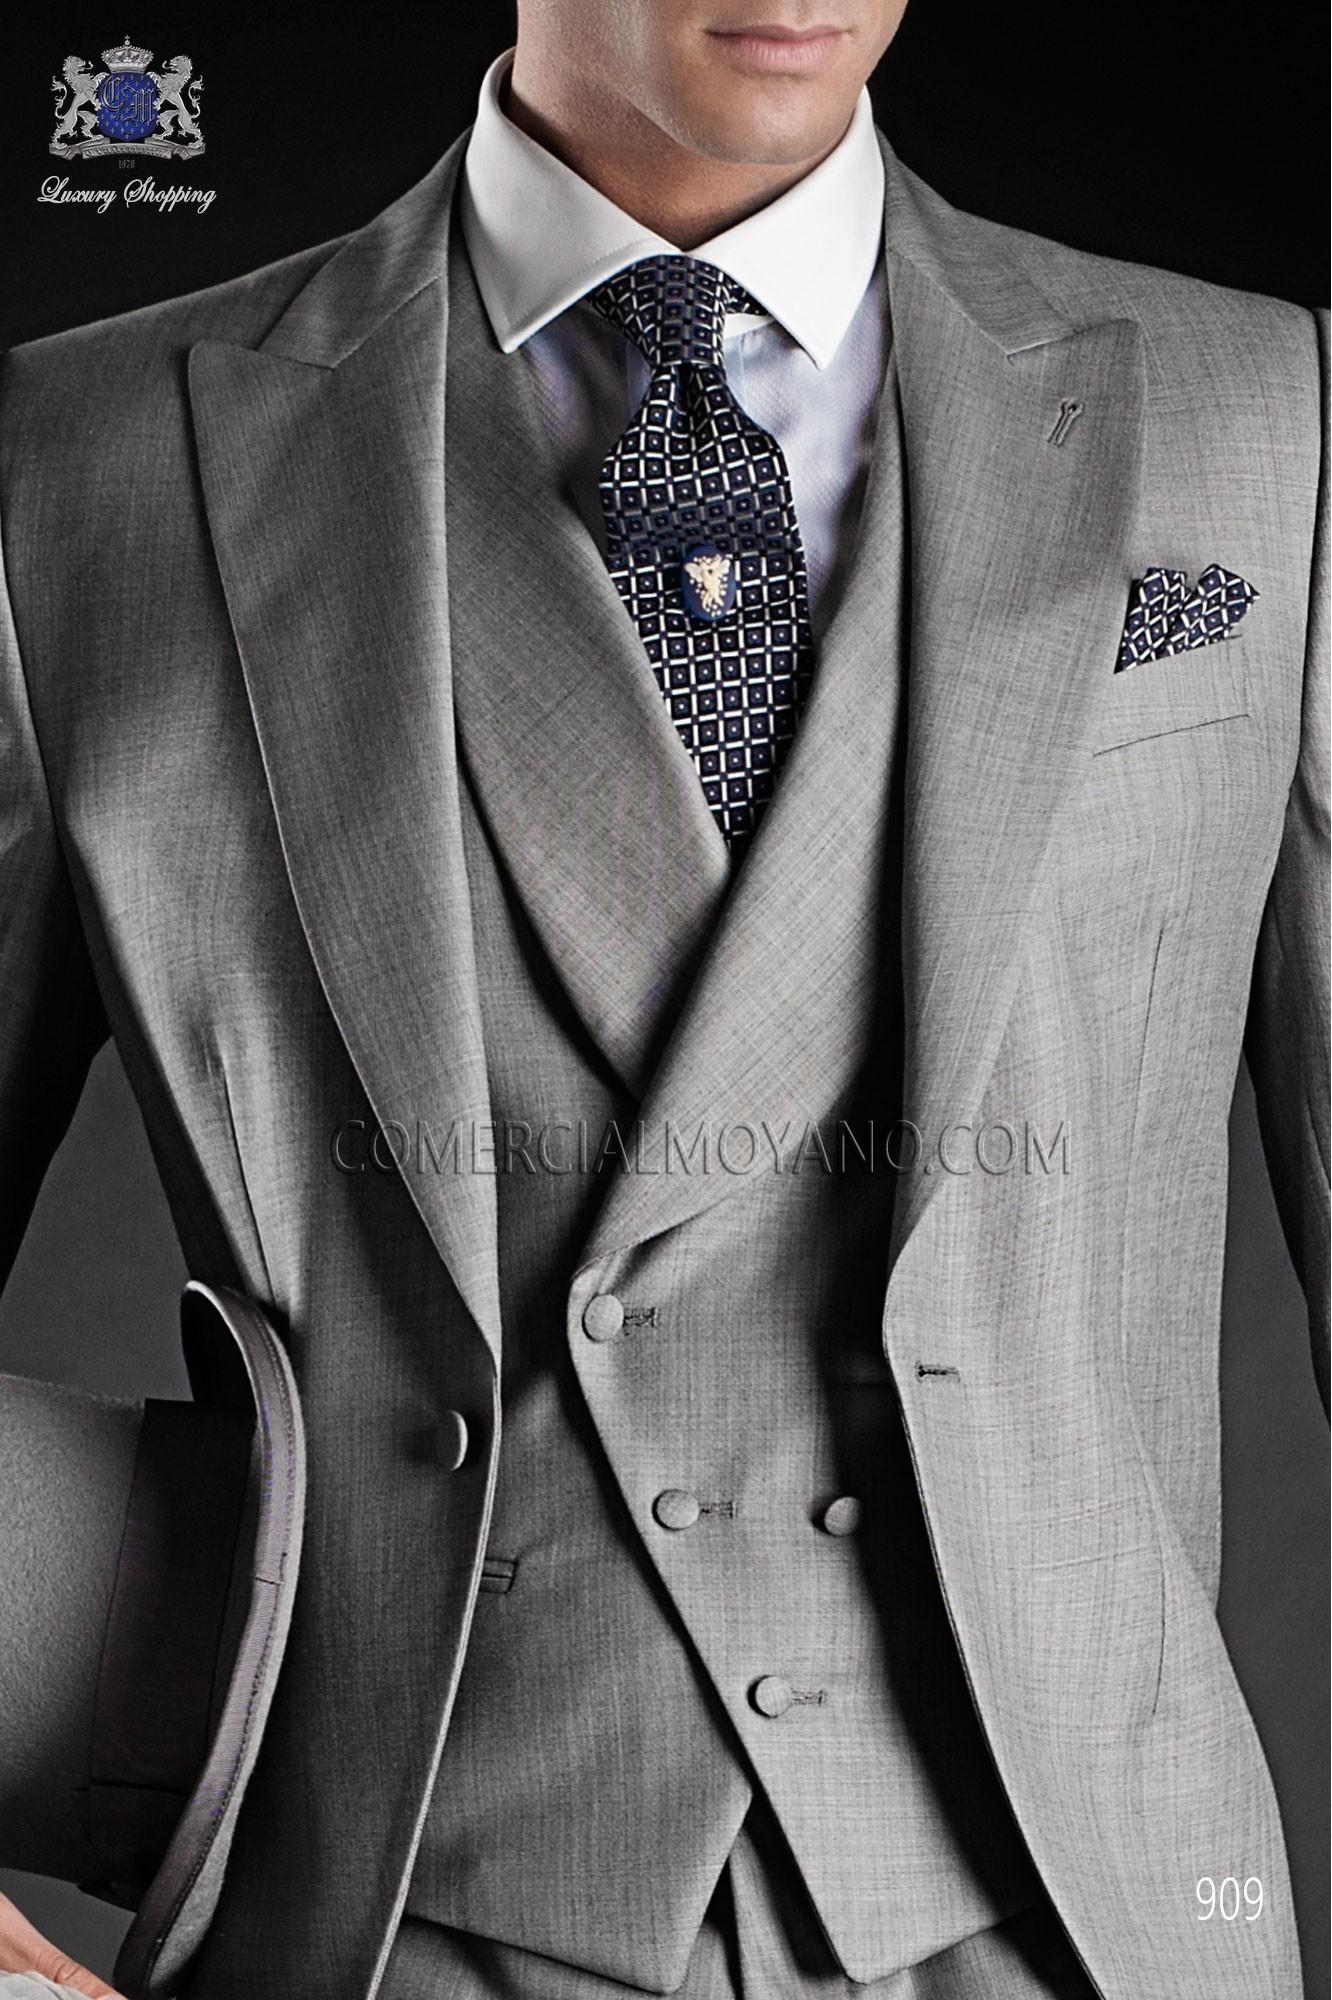 Traje Gentleman de novio gris modelo: 909 Ottavio Nuccio Gala colección Gentleman